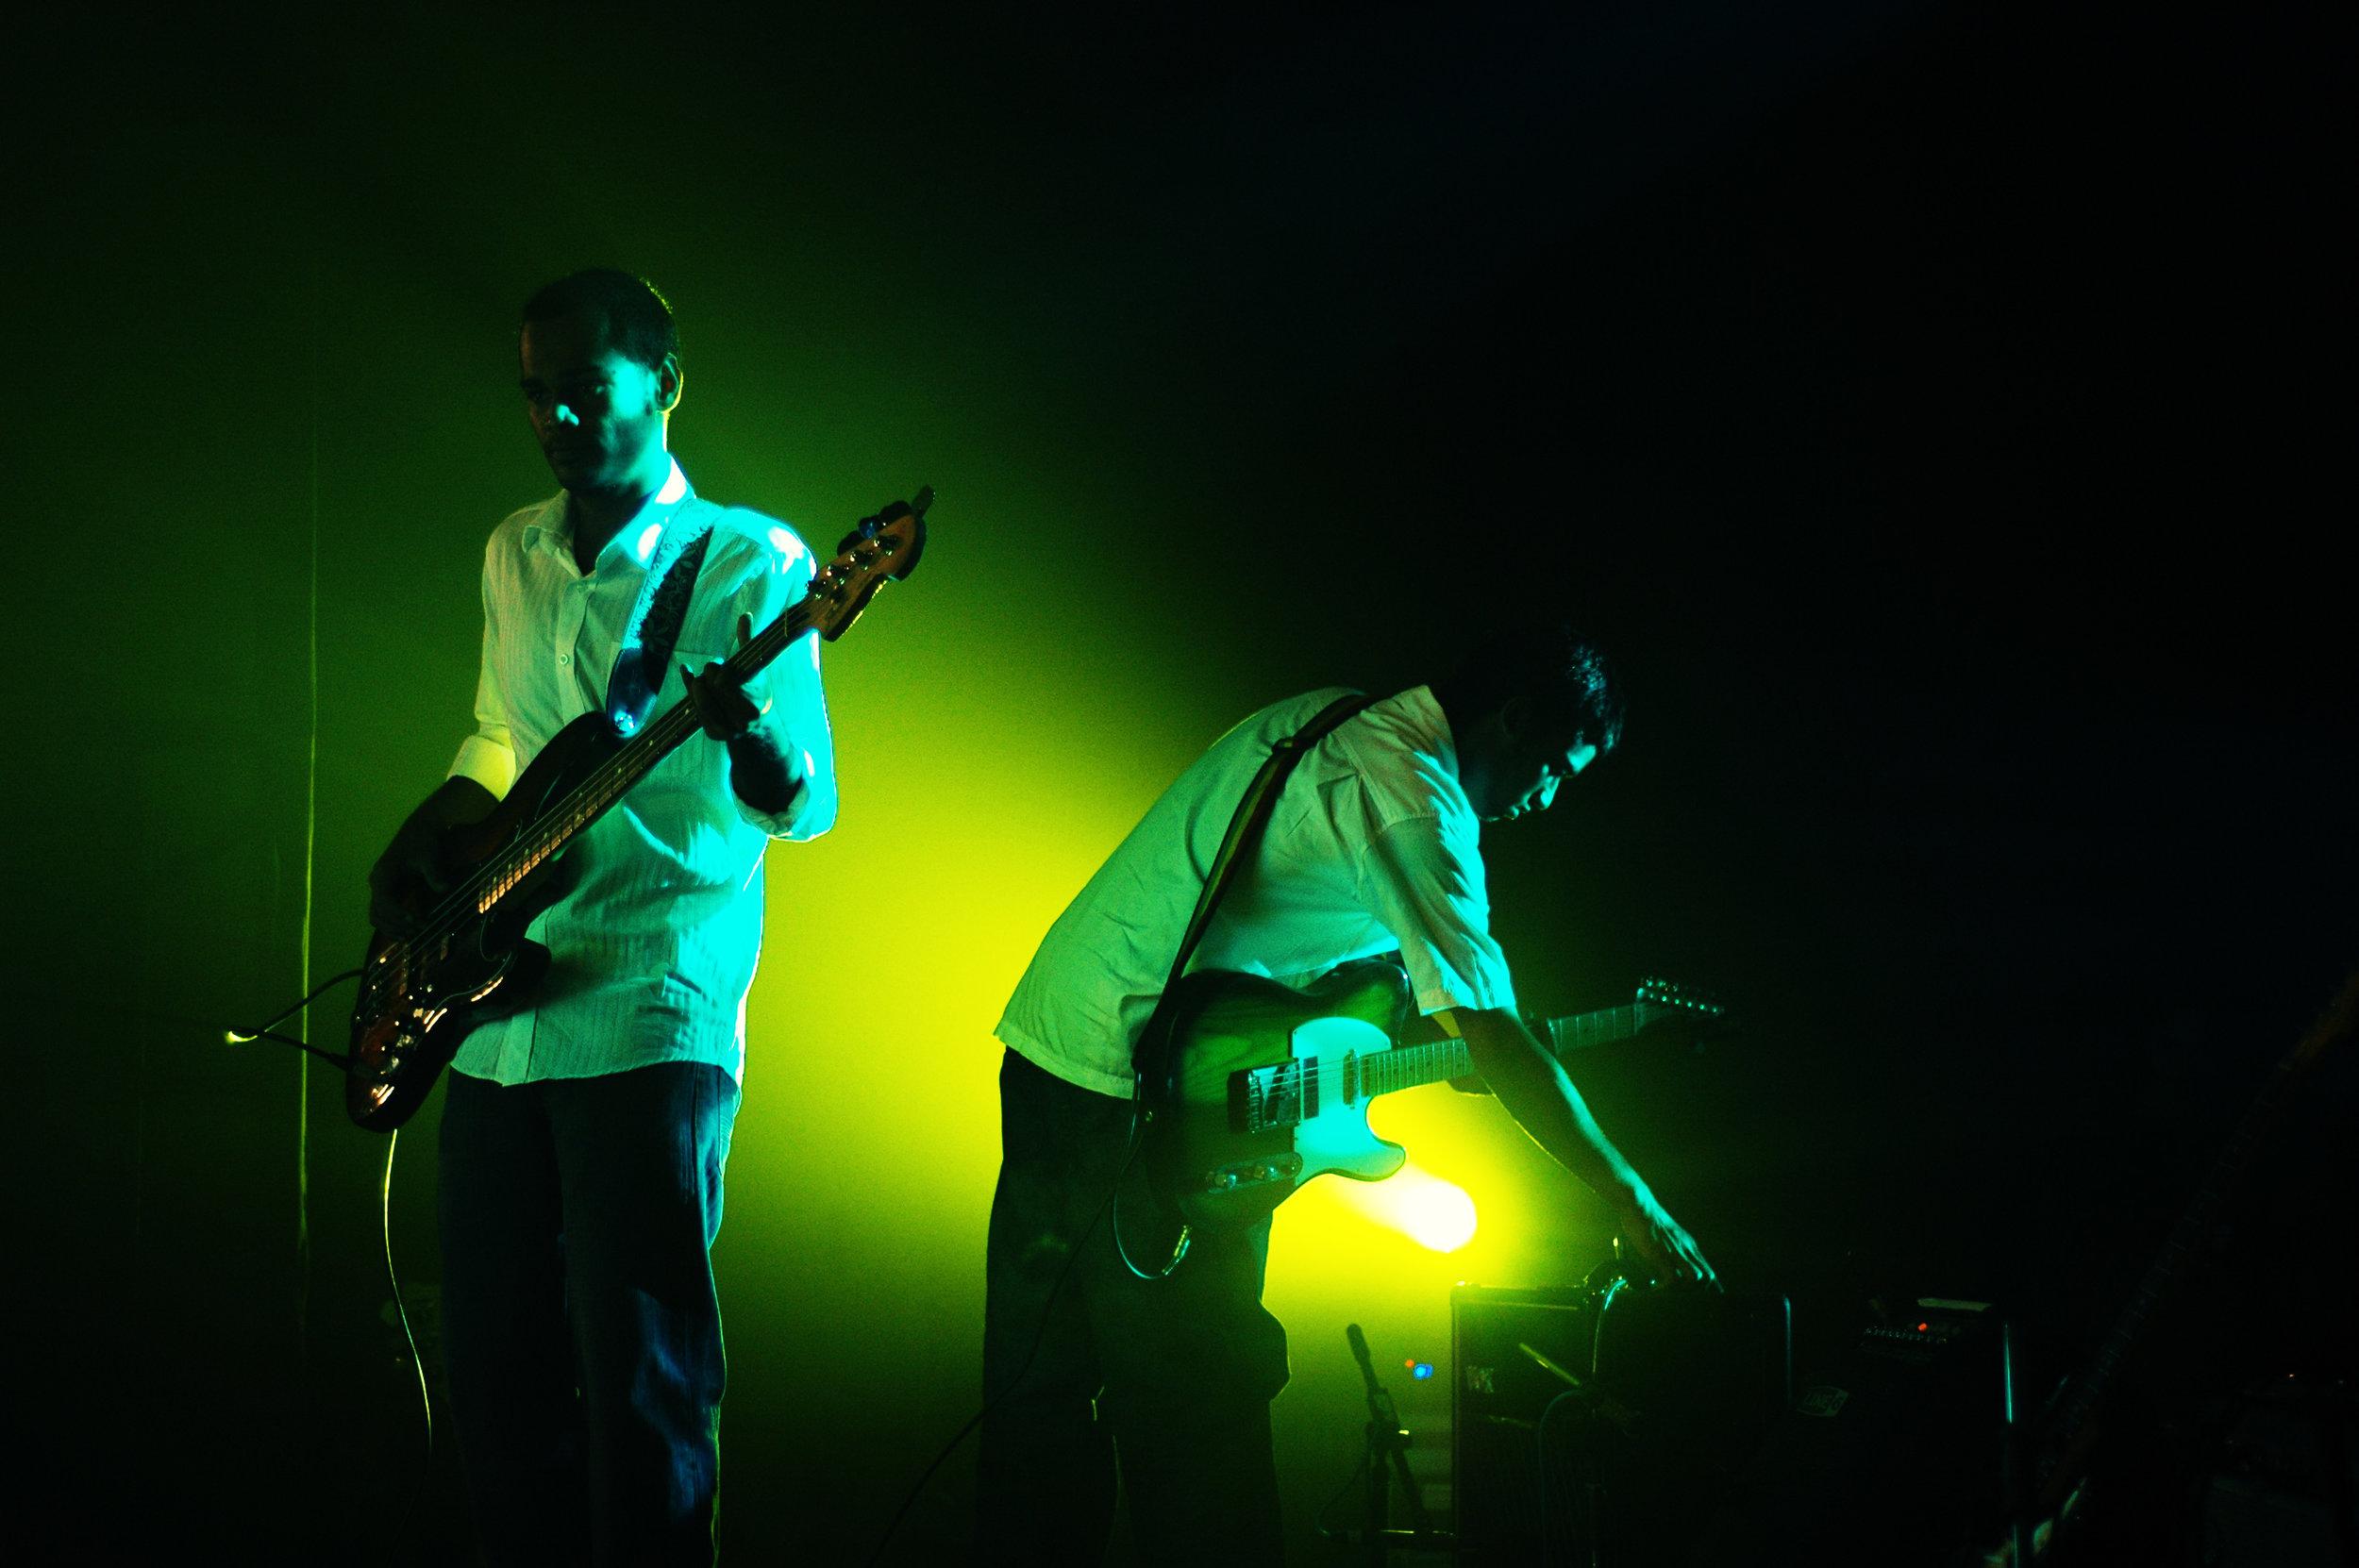 2009-08-19 - Male' City - Dharubaaruge' - Eku Ekee Album Launch - D70s--4.jpg